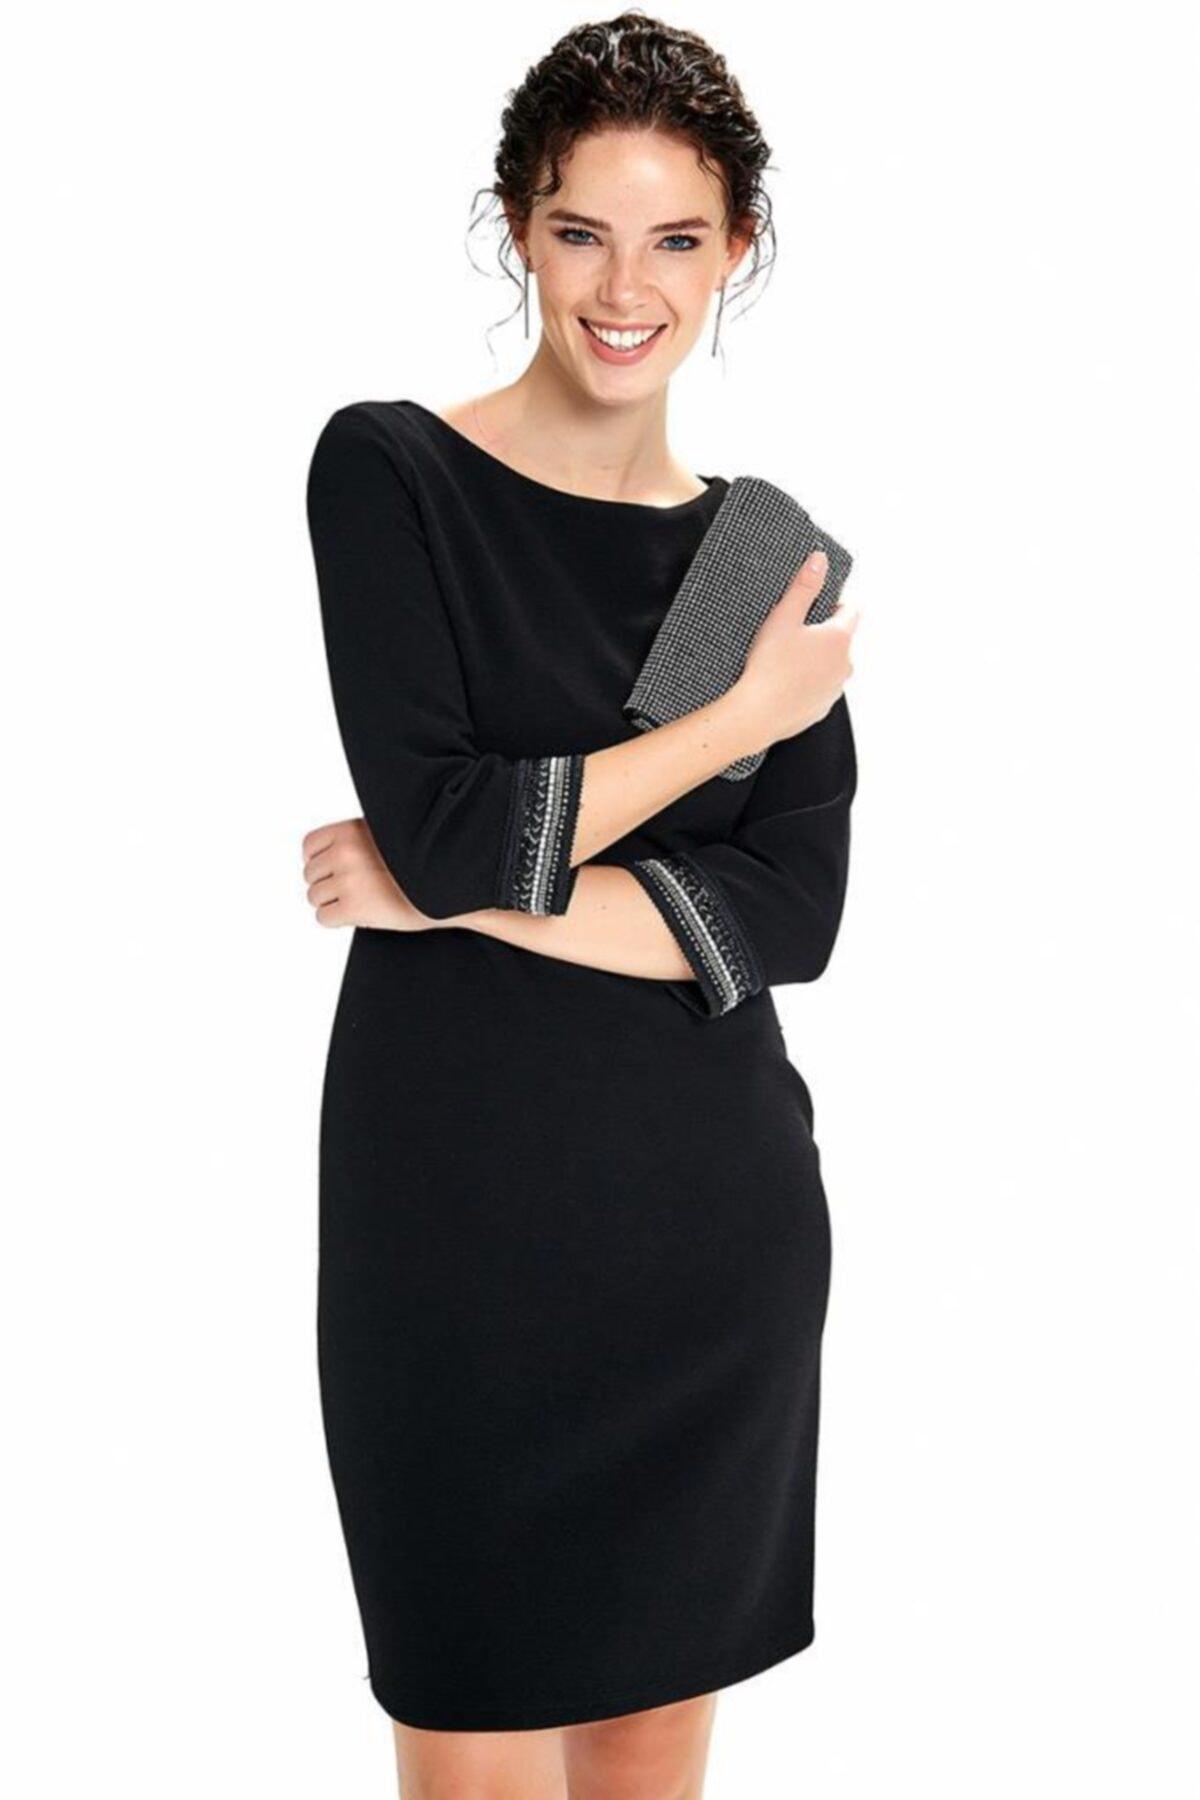 Kadın Siyah Beli Kesikli Kolu Boncuk Şeritli Elbise 190-4030